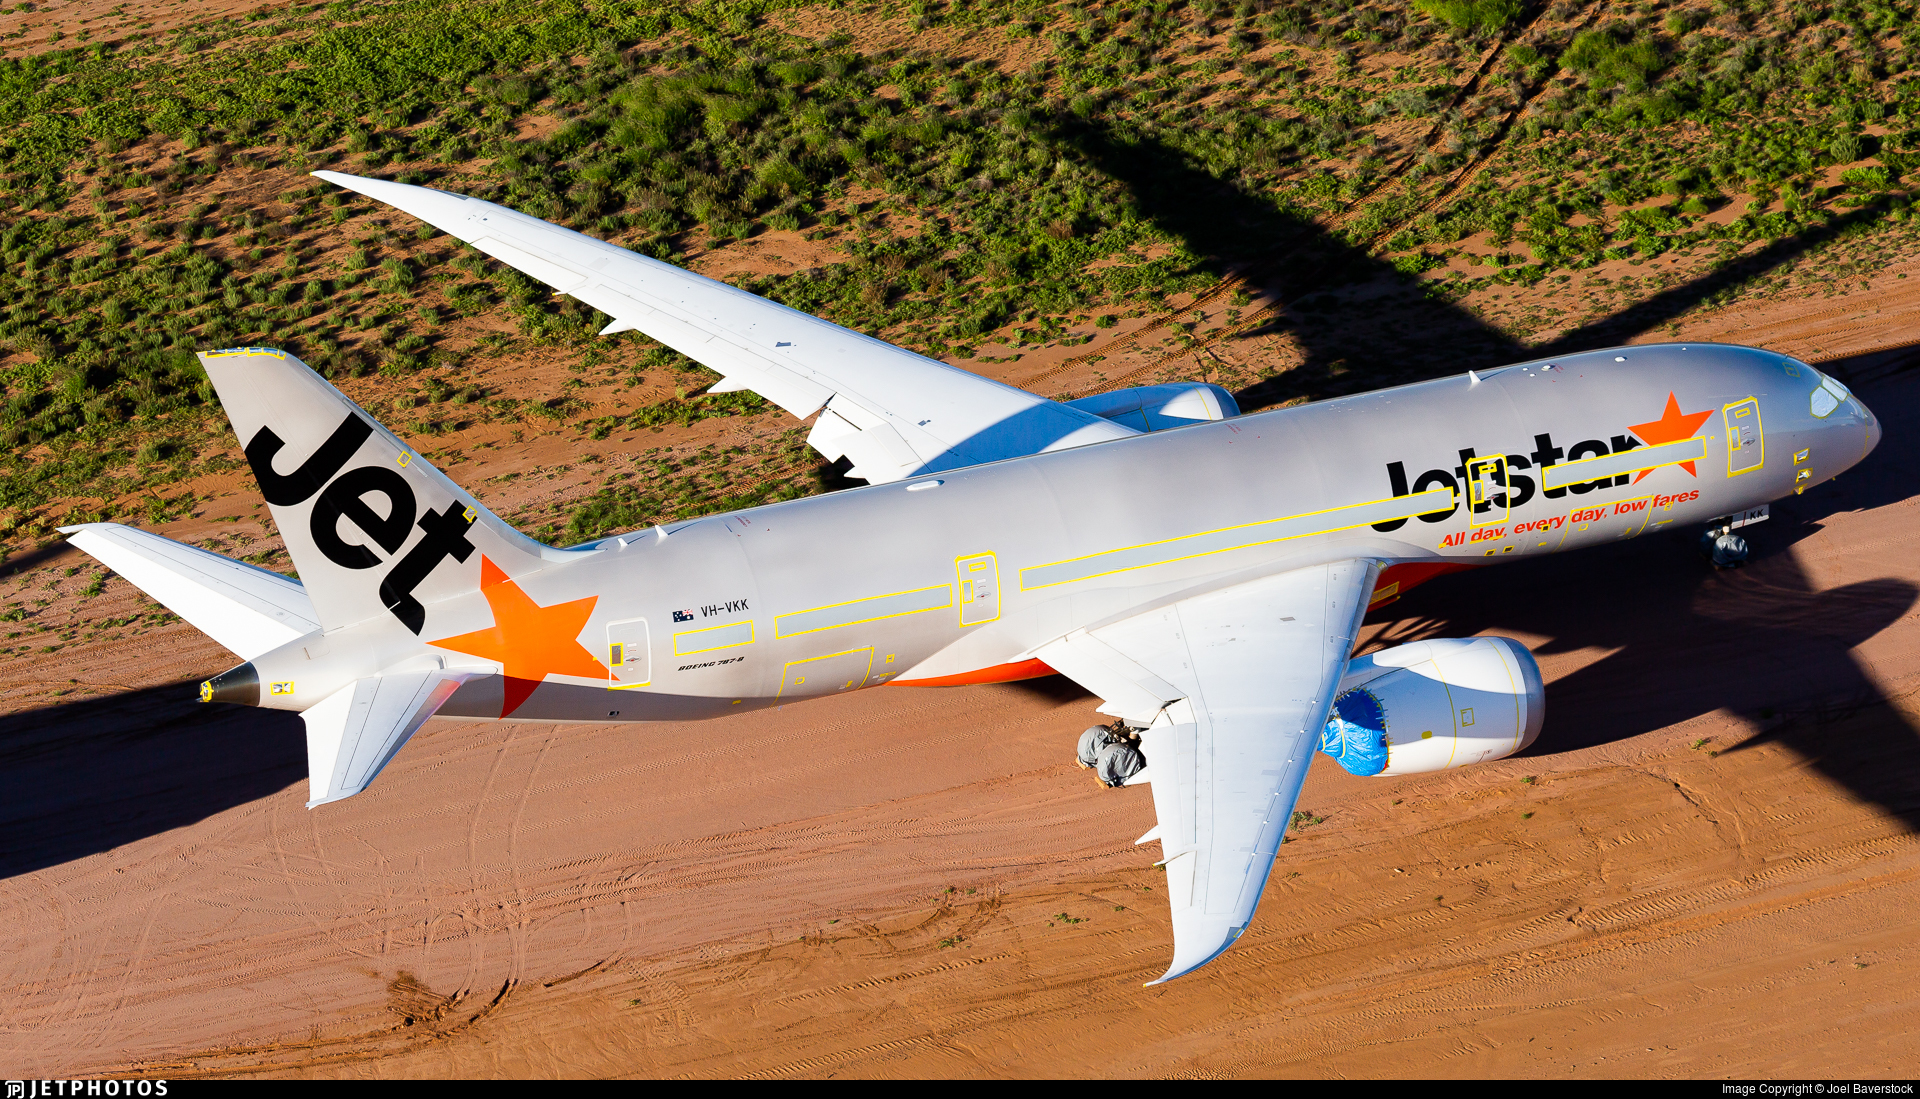 VH-VKK - Boeing 787-8 Dreamliner - Jetstar Airways